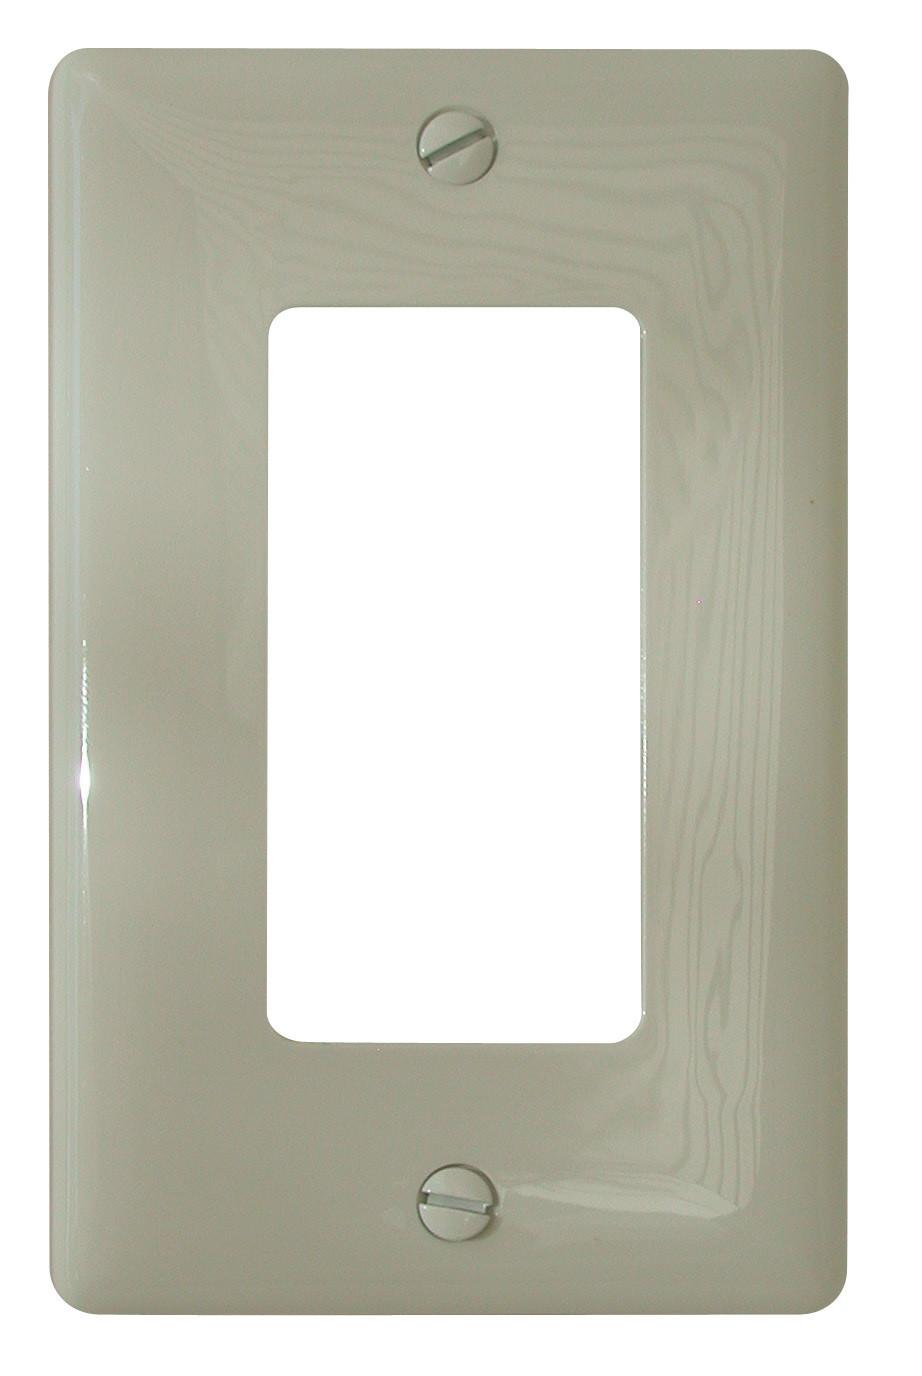 Decor Square Cover - Ivory